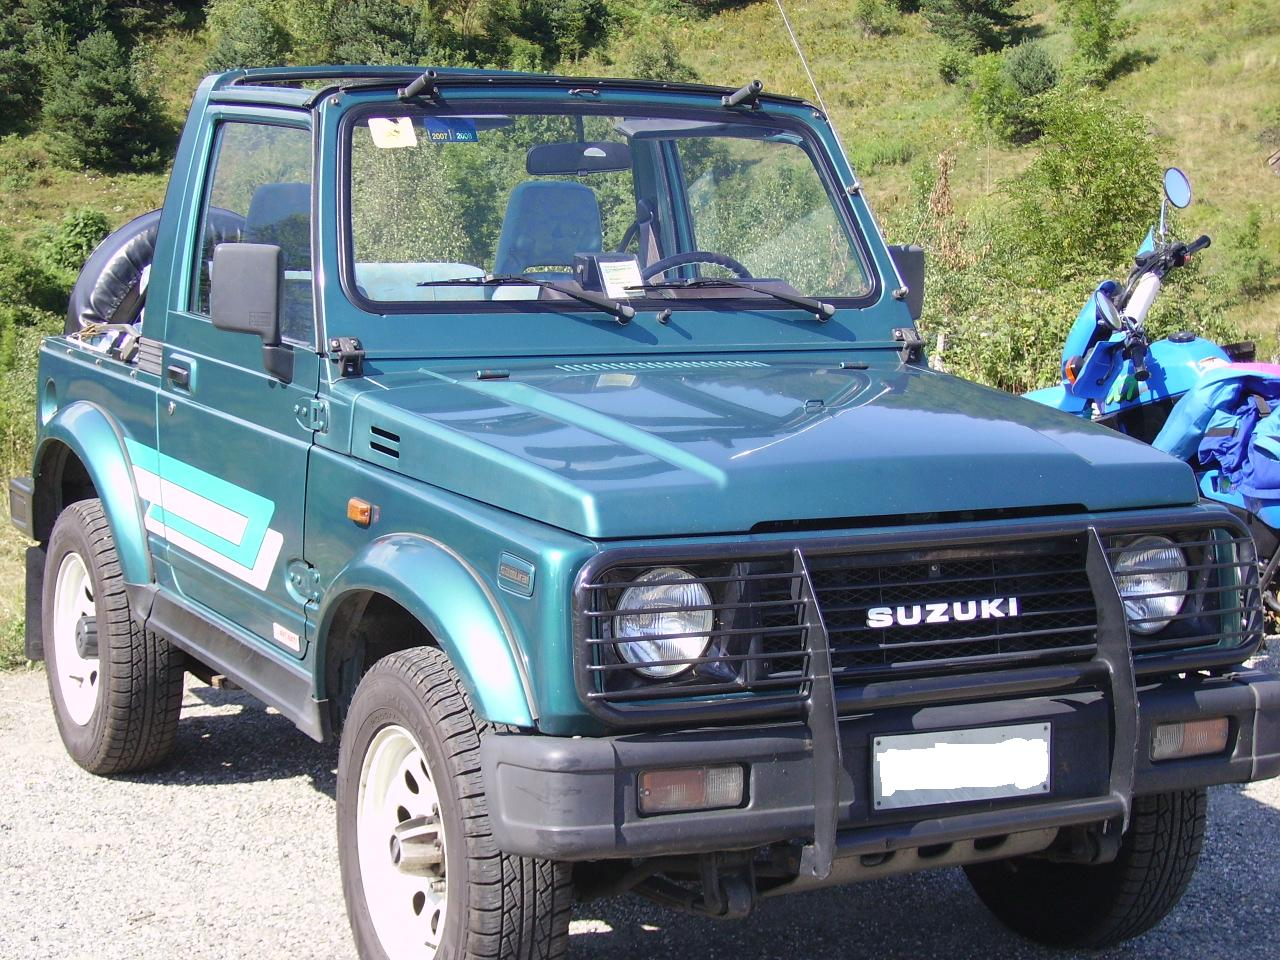 Suzuki samurai rubato a torino for Samurai torino